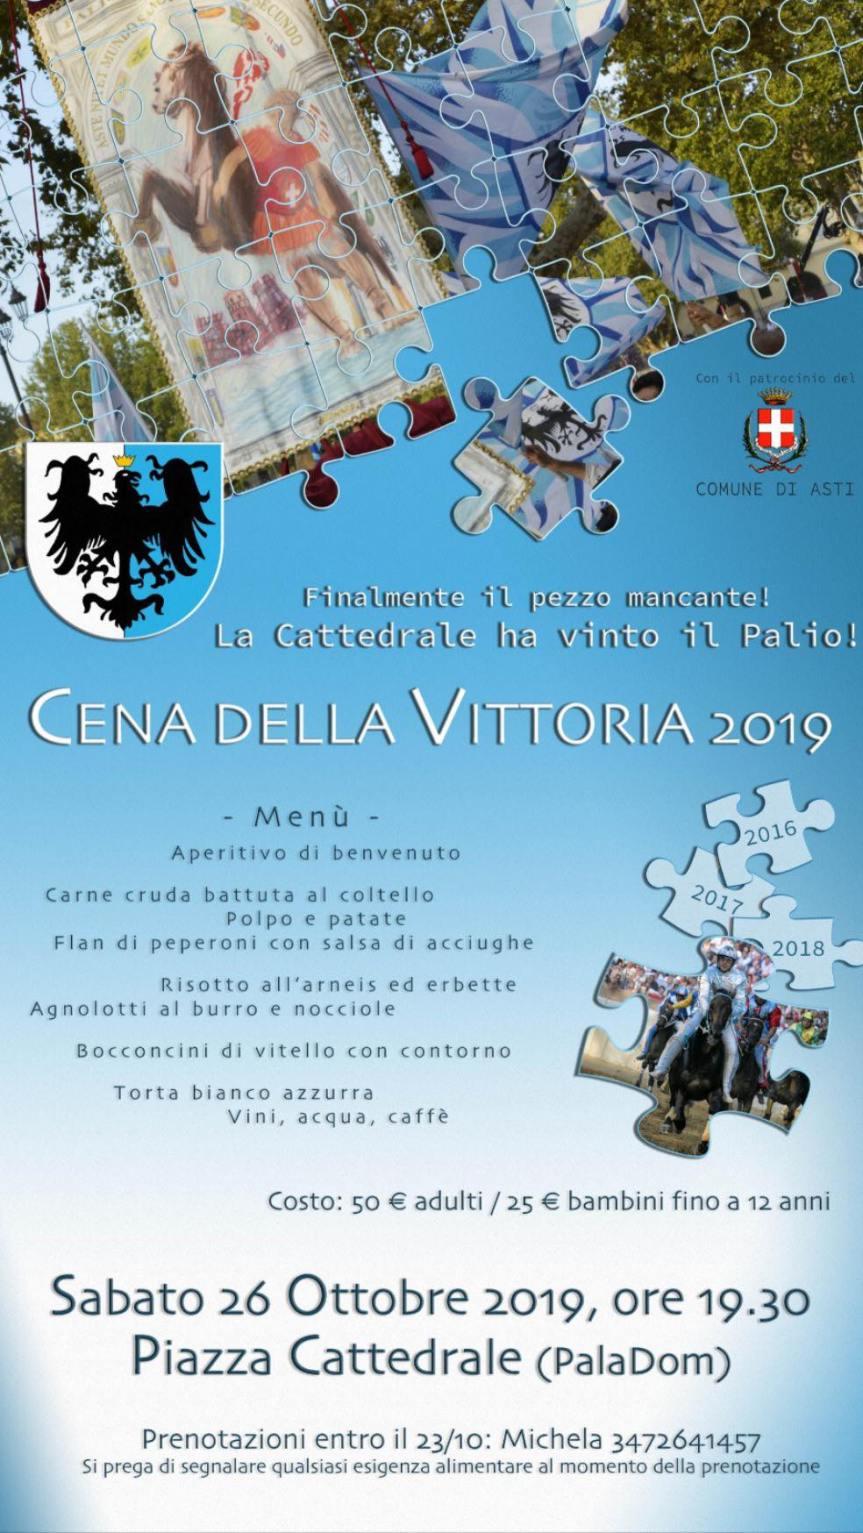 Palio di Asti, Rione Cattedrale: Oggi 26/10 dalle ore 19.30 in poi Cena della Vittoria Palio2019